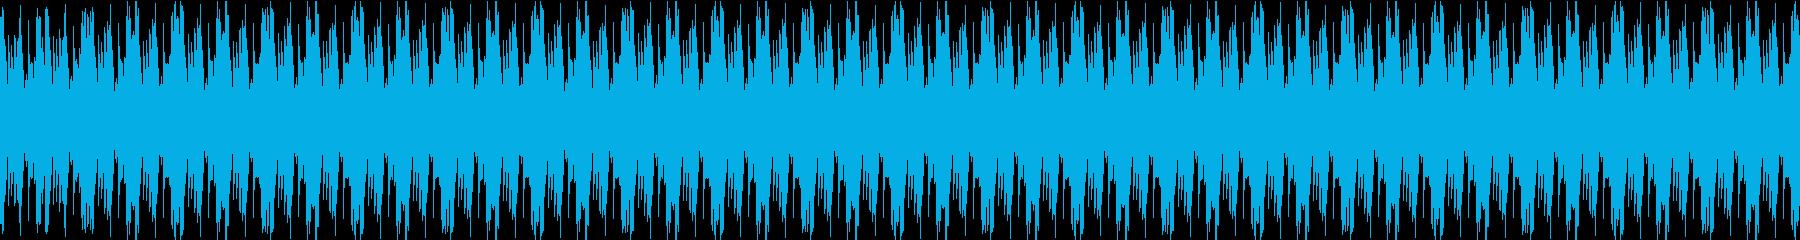 飄々とした変な生き物のマリンバループの再生済みの波形